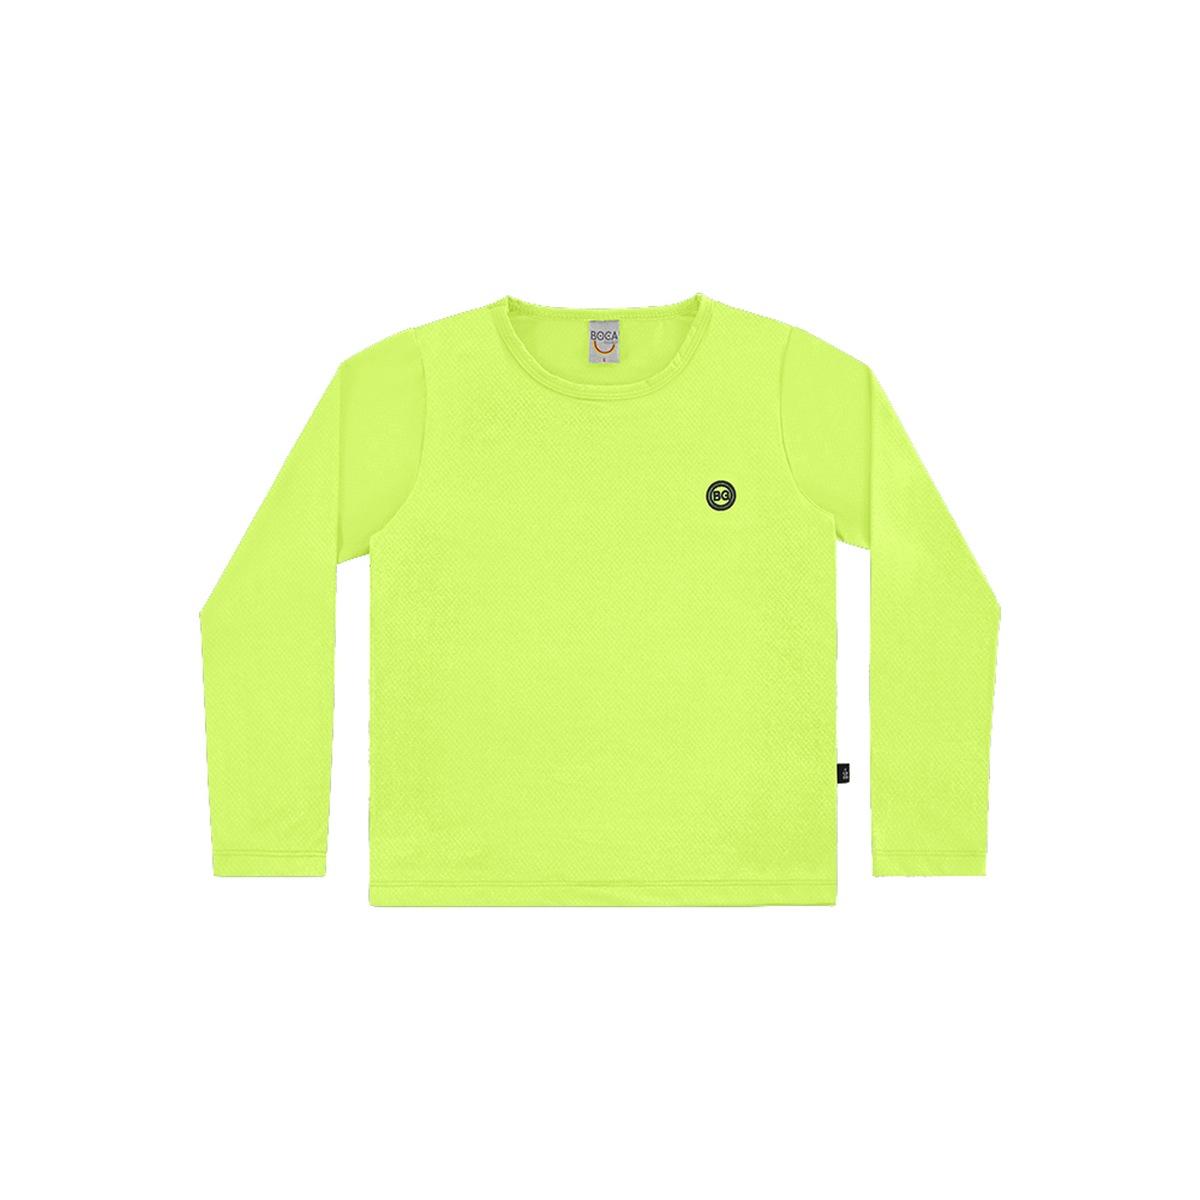 Camiseta Unissex com Proteção UV - Verde